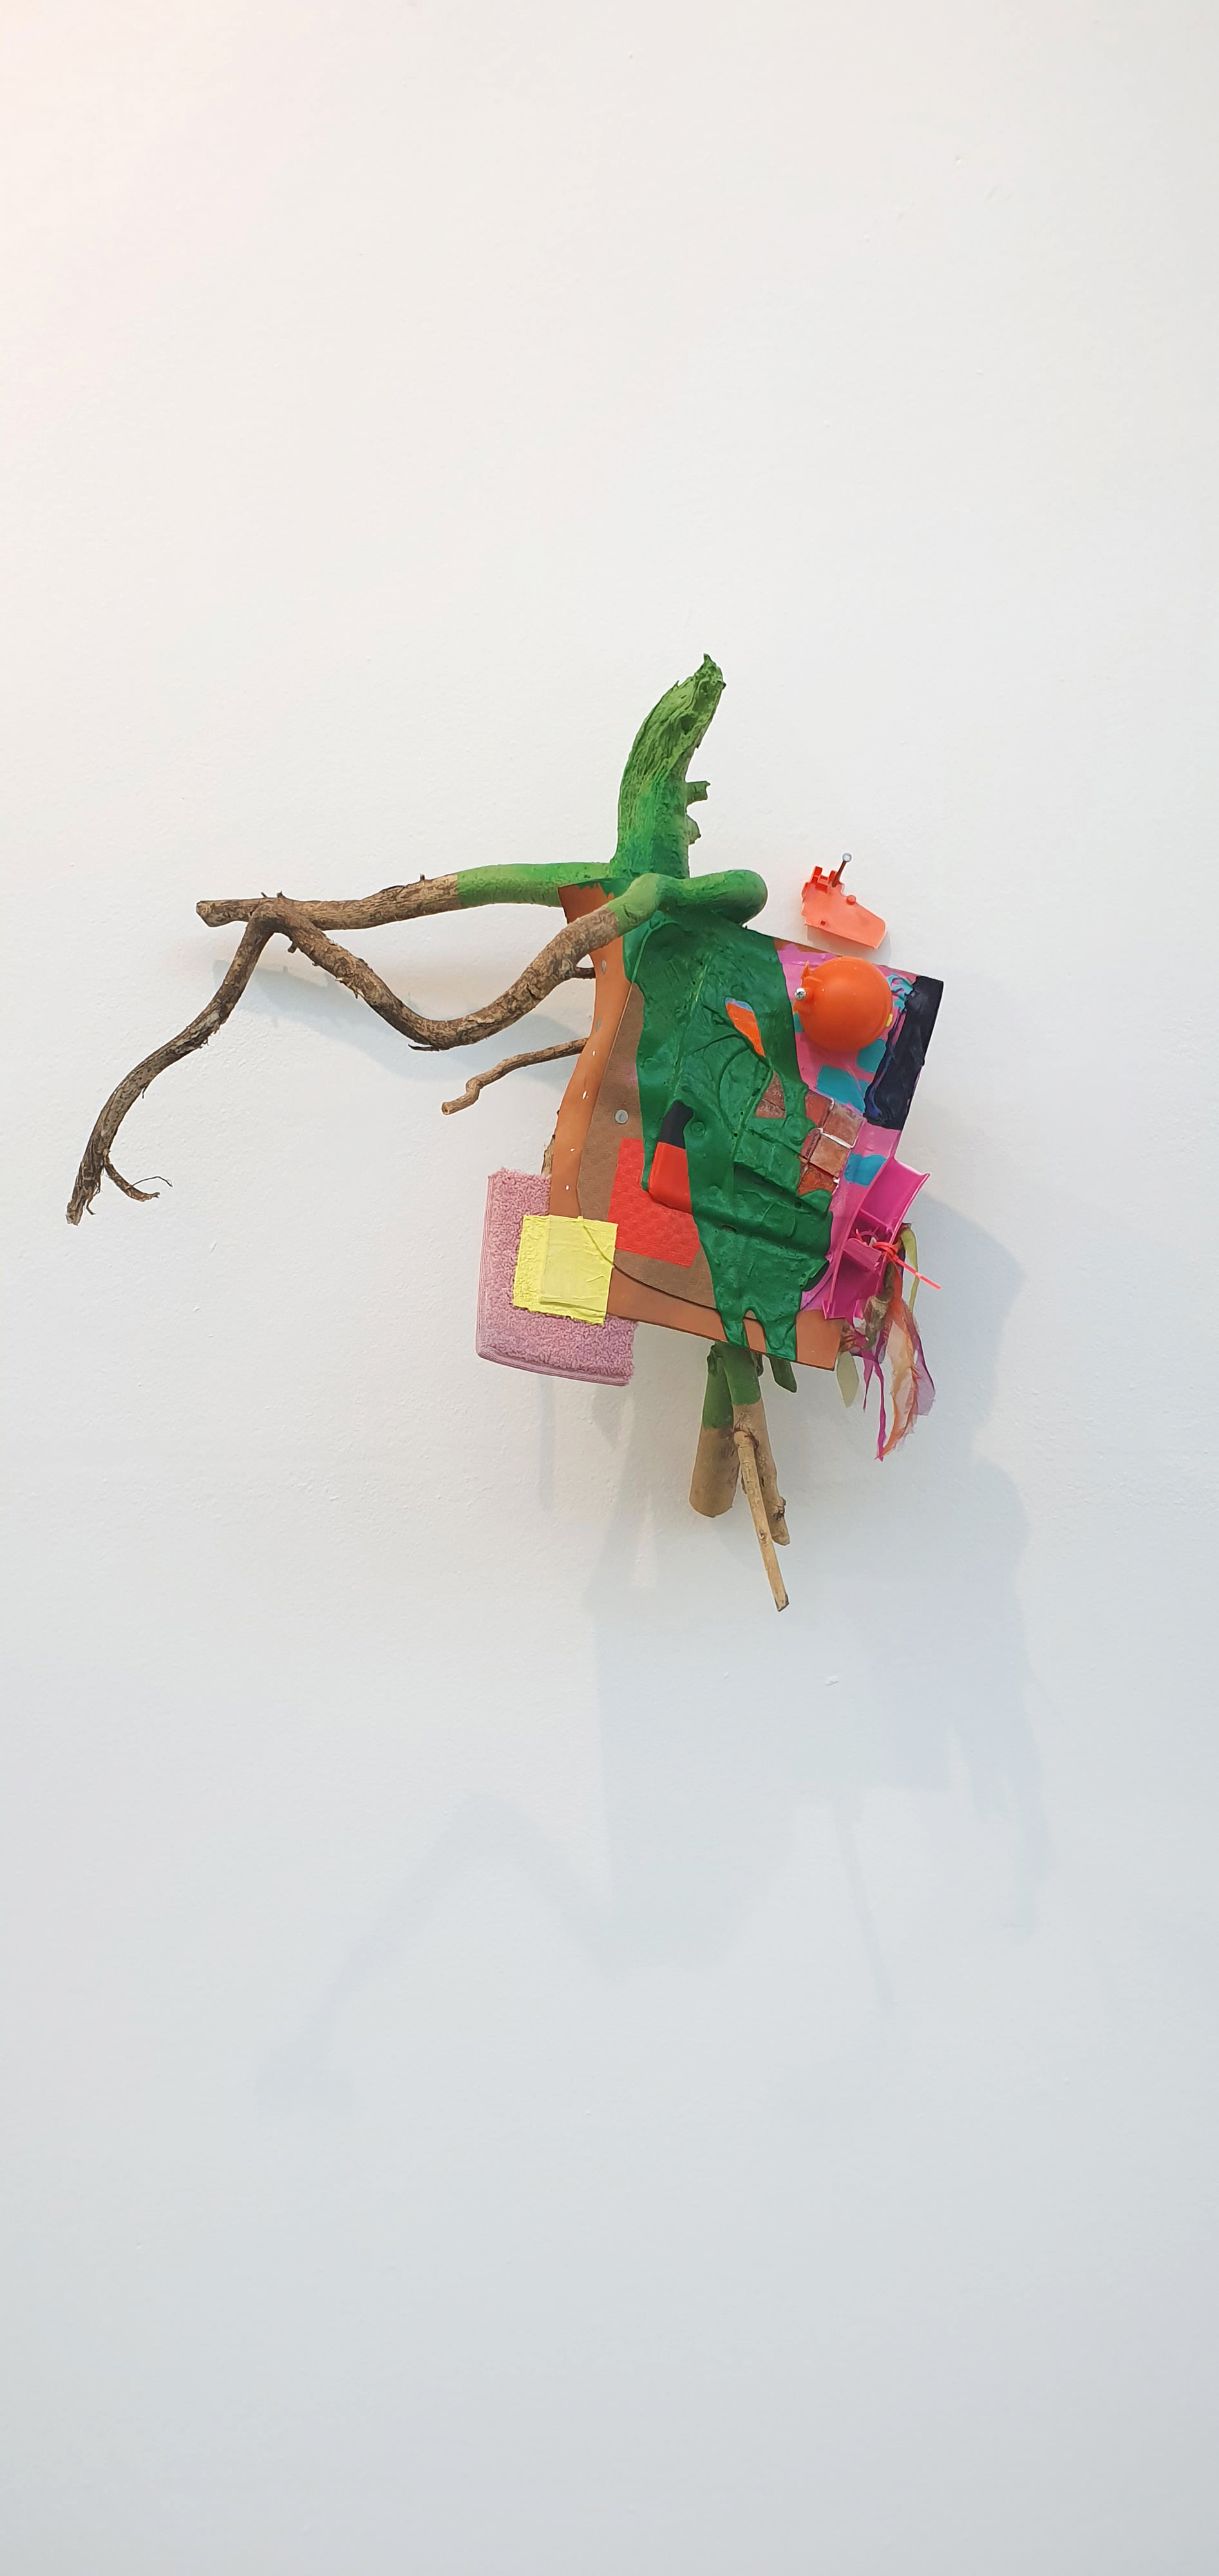 Galerie Barbara Thumm \ 1301PE@GBT \ Turnbuckle (2013)